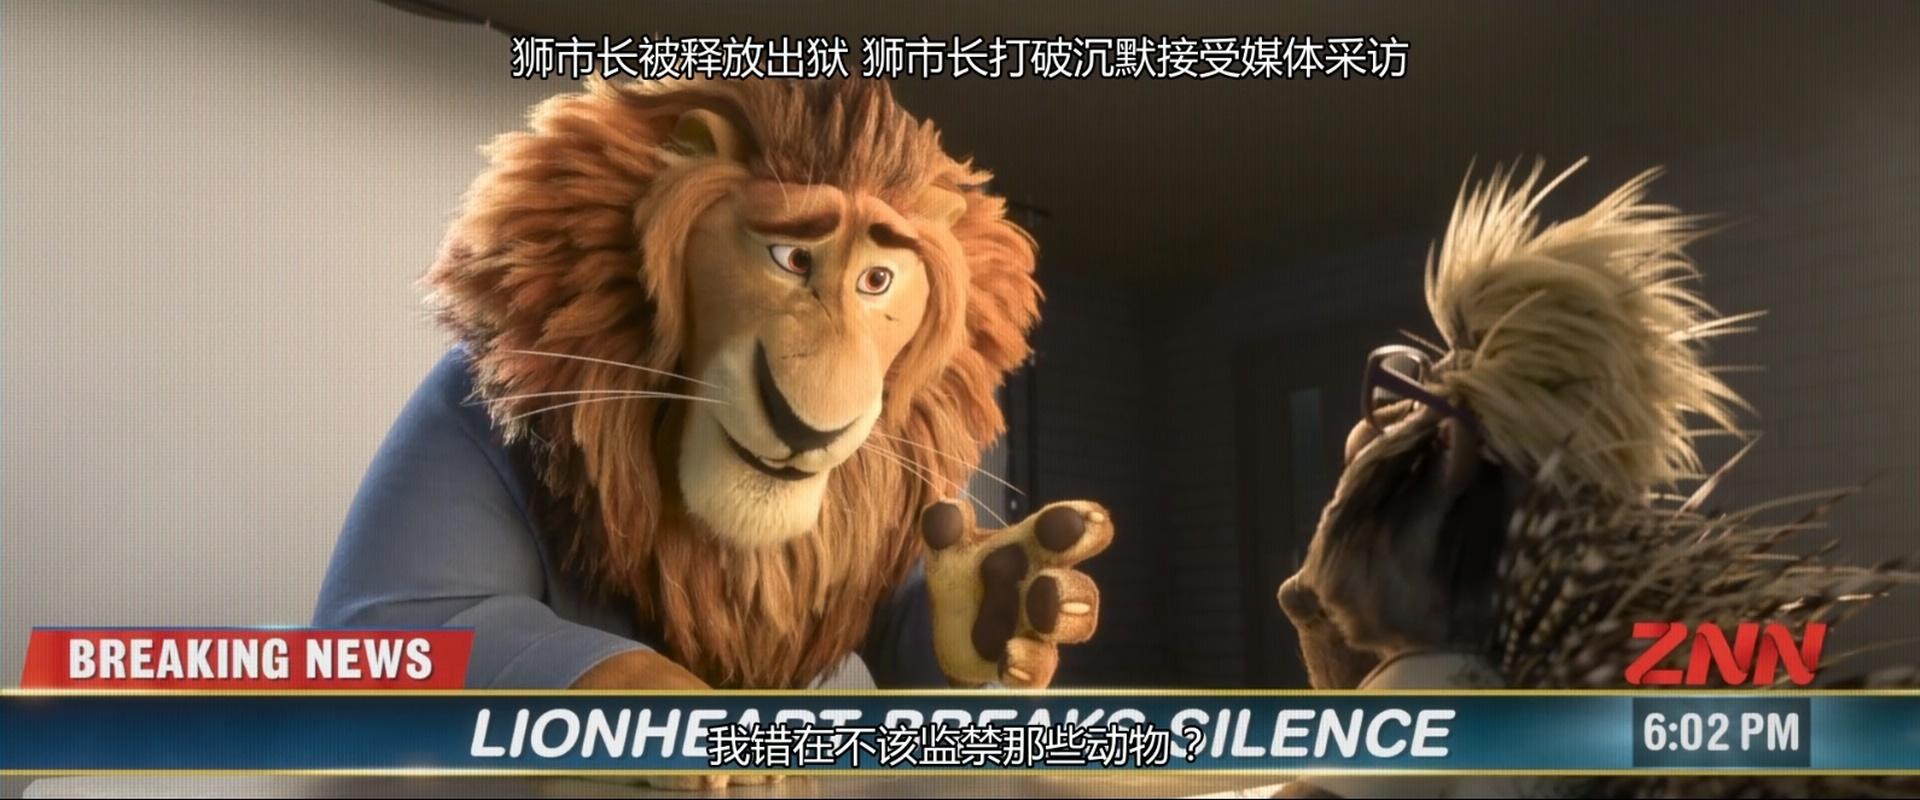 喜剧-2016.疯狂动物城国语版 超清1080P 中文字幕 mp4下载图片 No.4